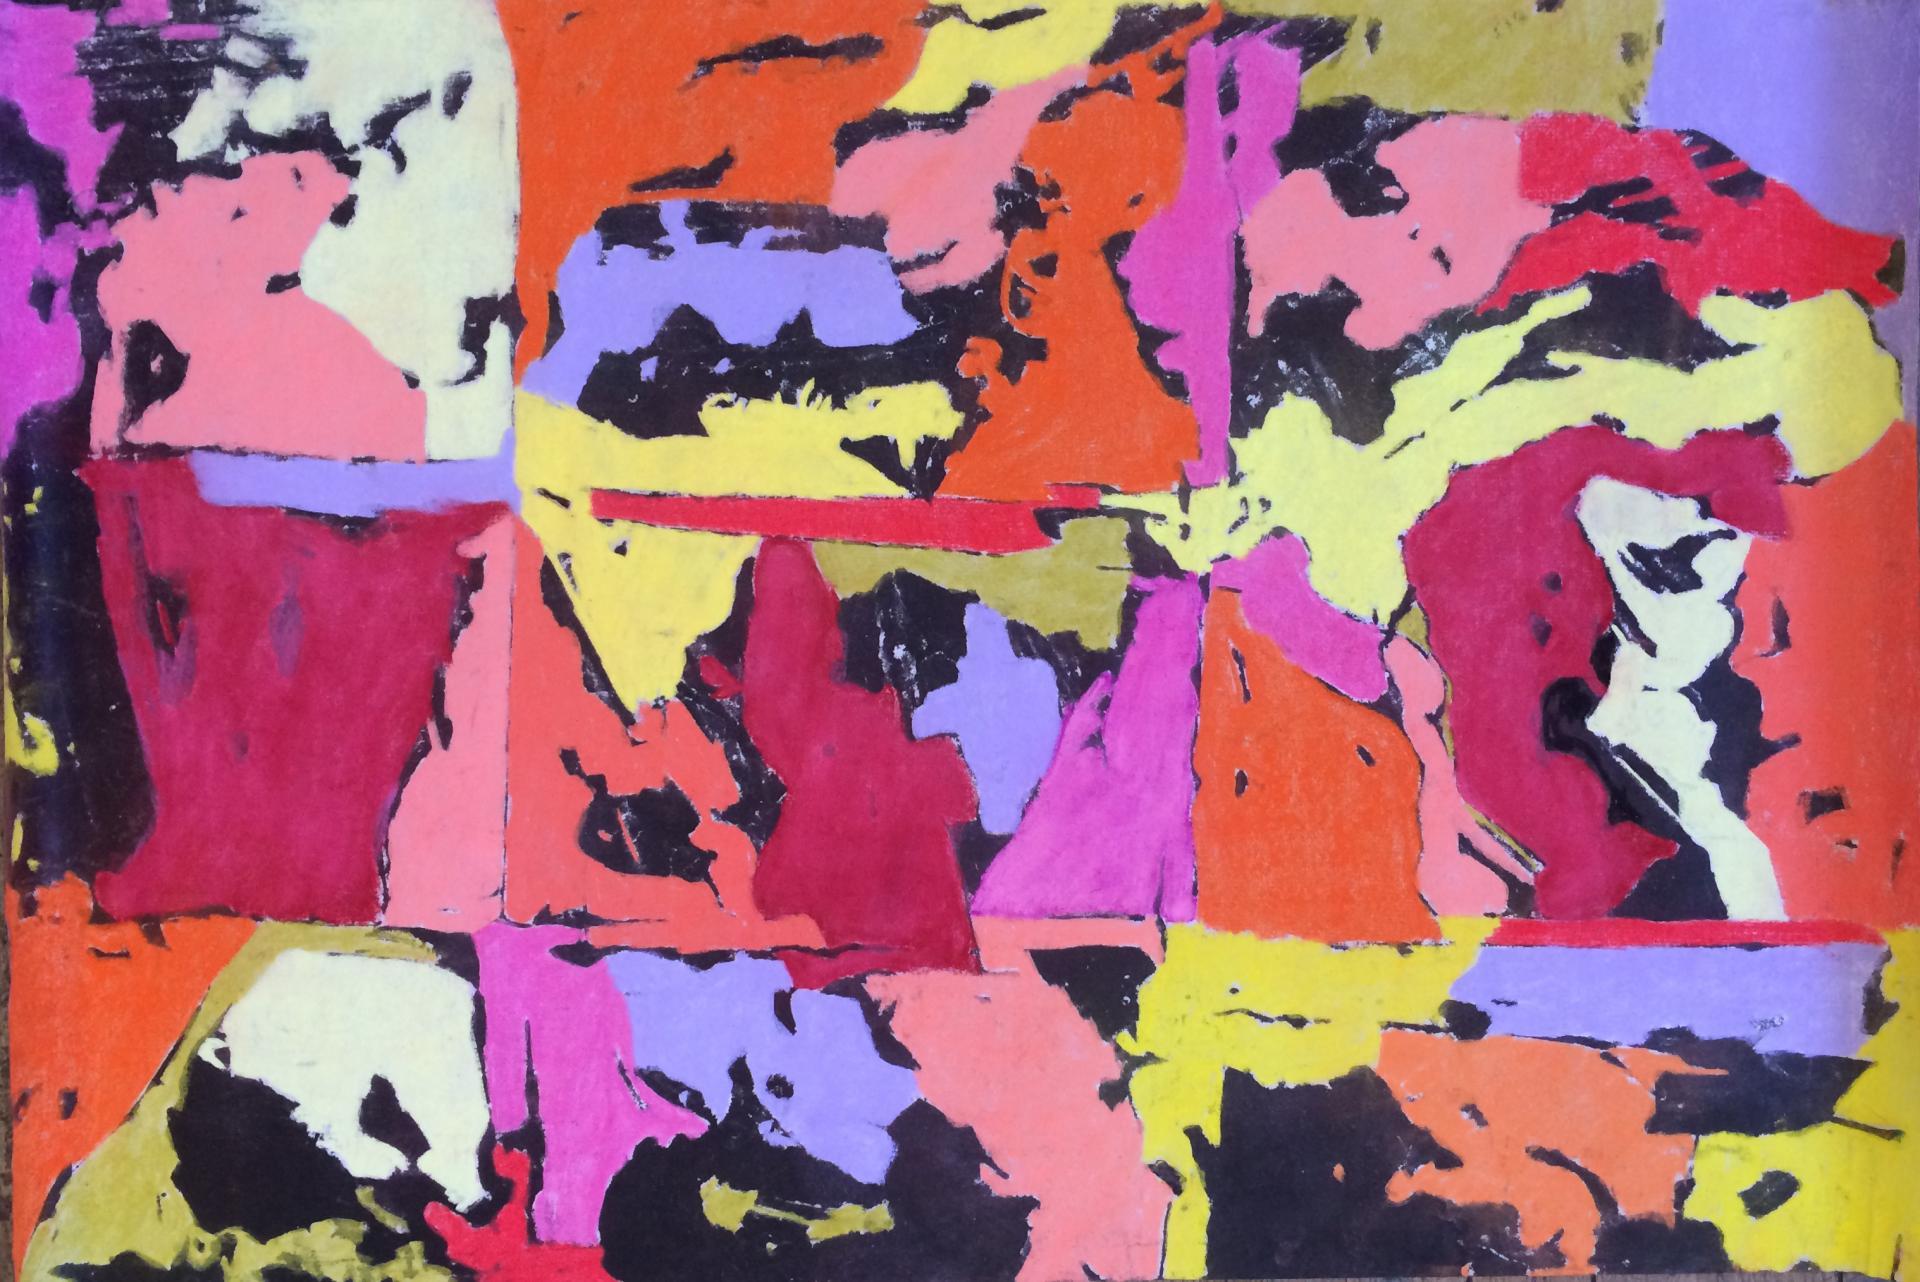 201601 70 x100 encre et pastels secs